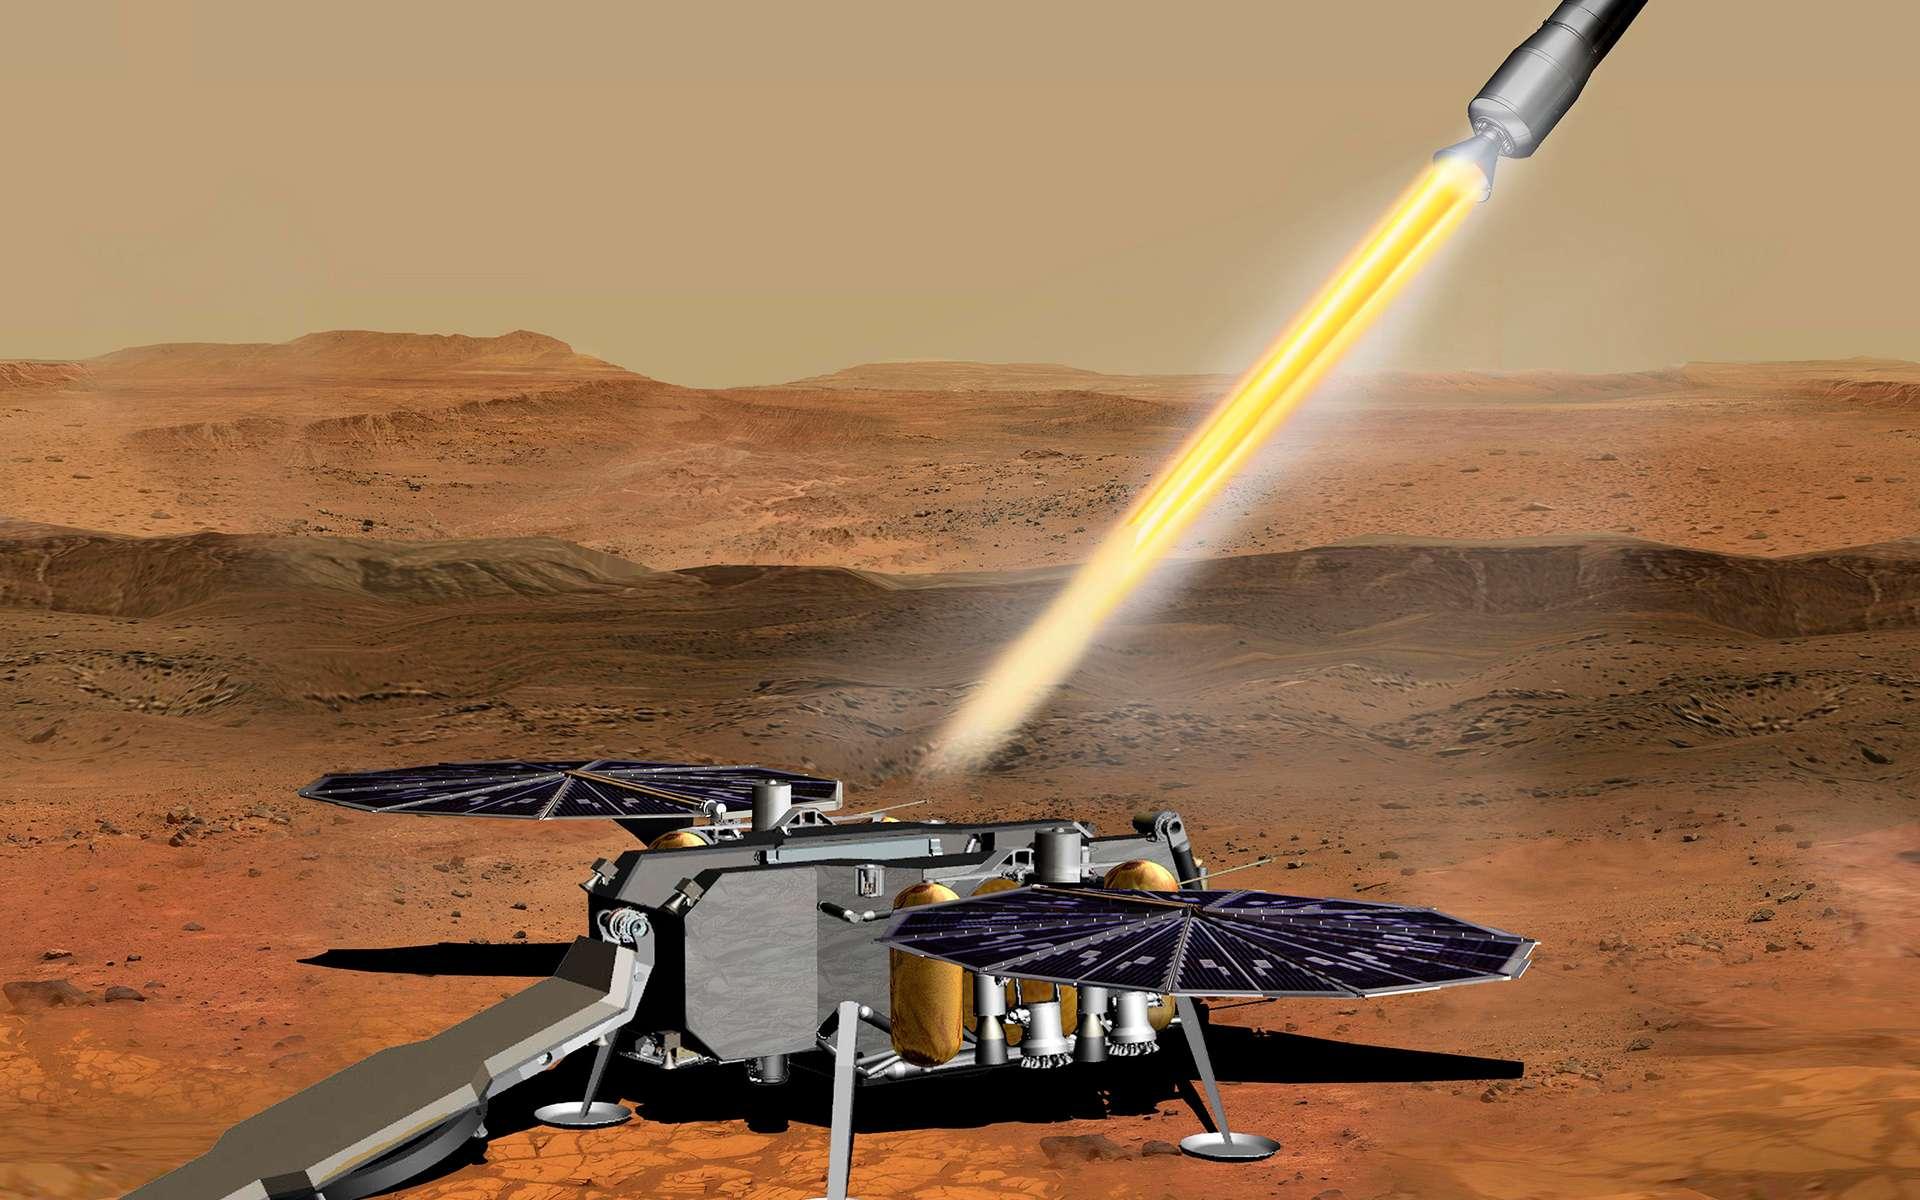 Le véhicule d'ascension martien (MAV) qui emportera en orbite martienne les échantillons du sol martien qui seront rapportés sur Terre. © Nasa, JPL